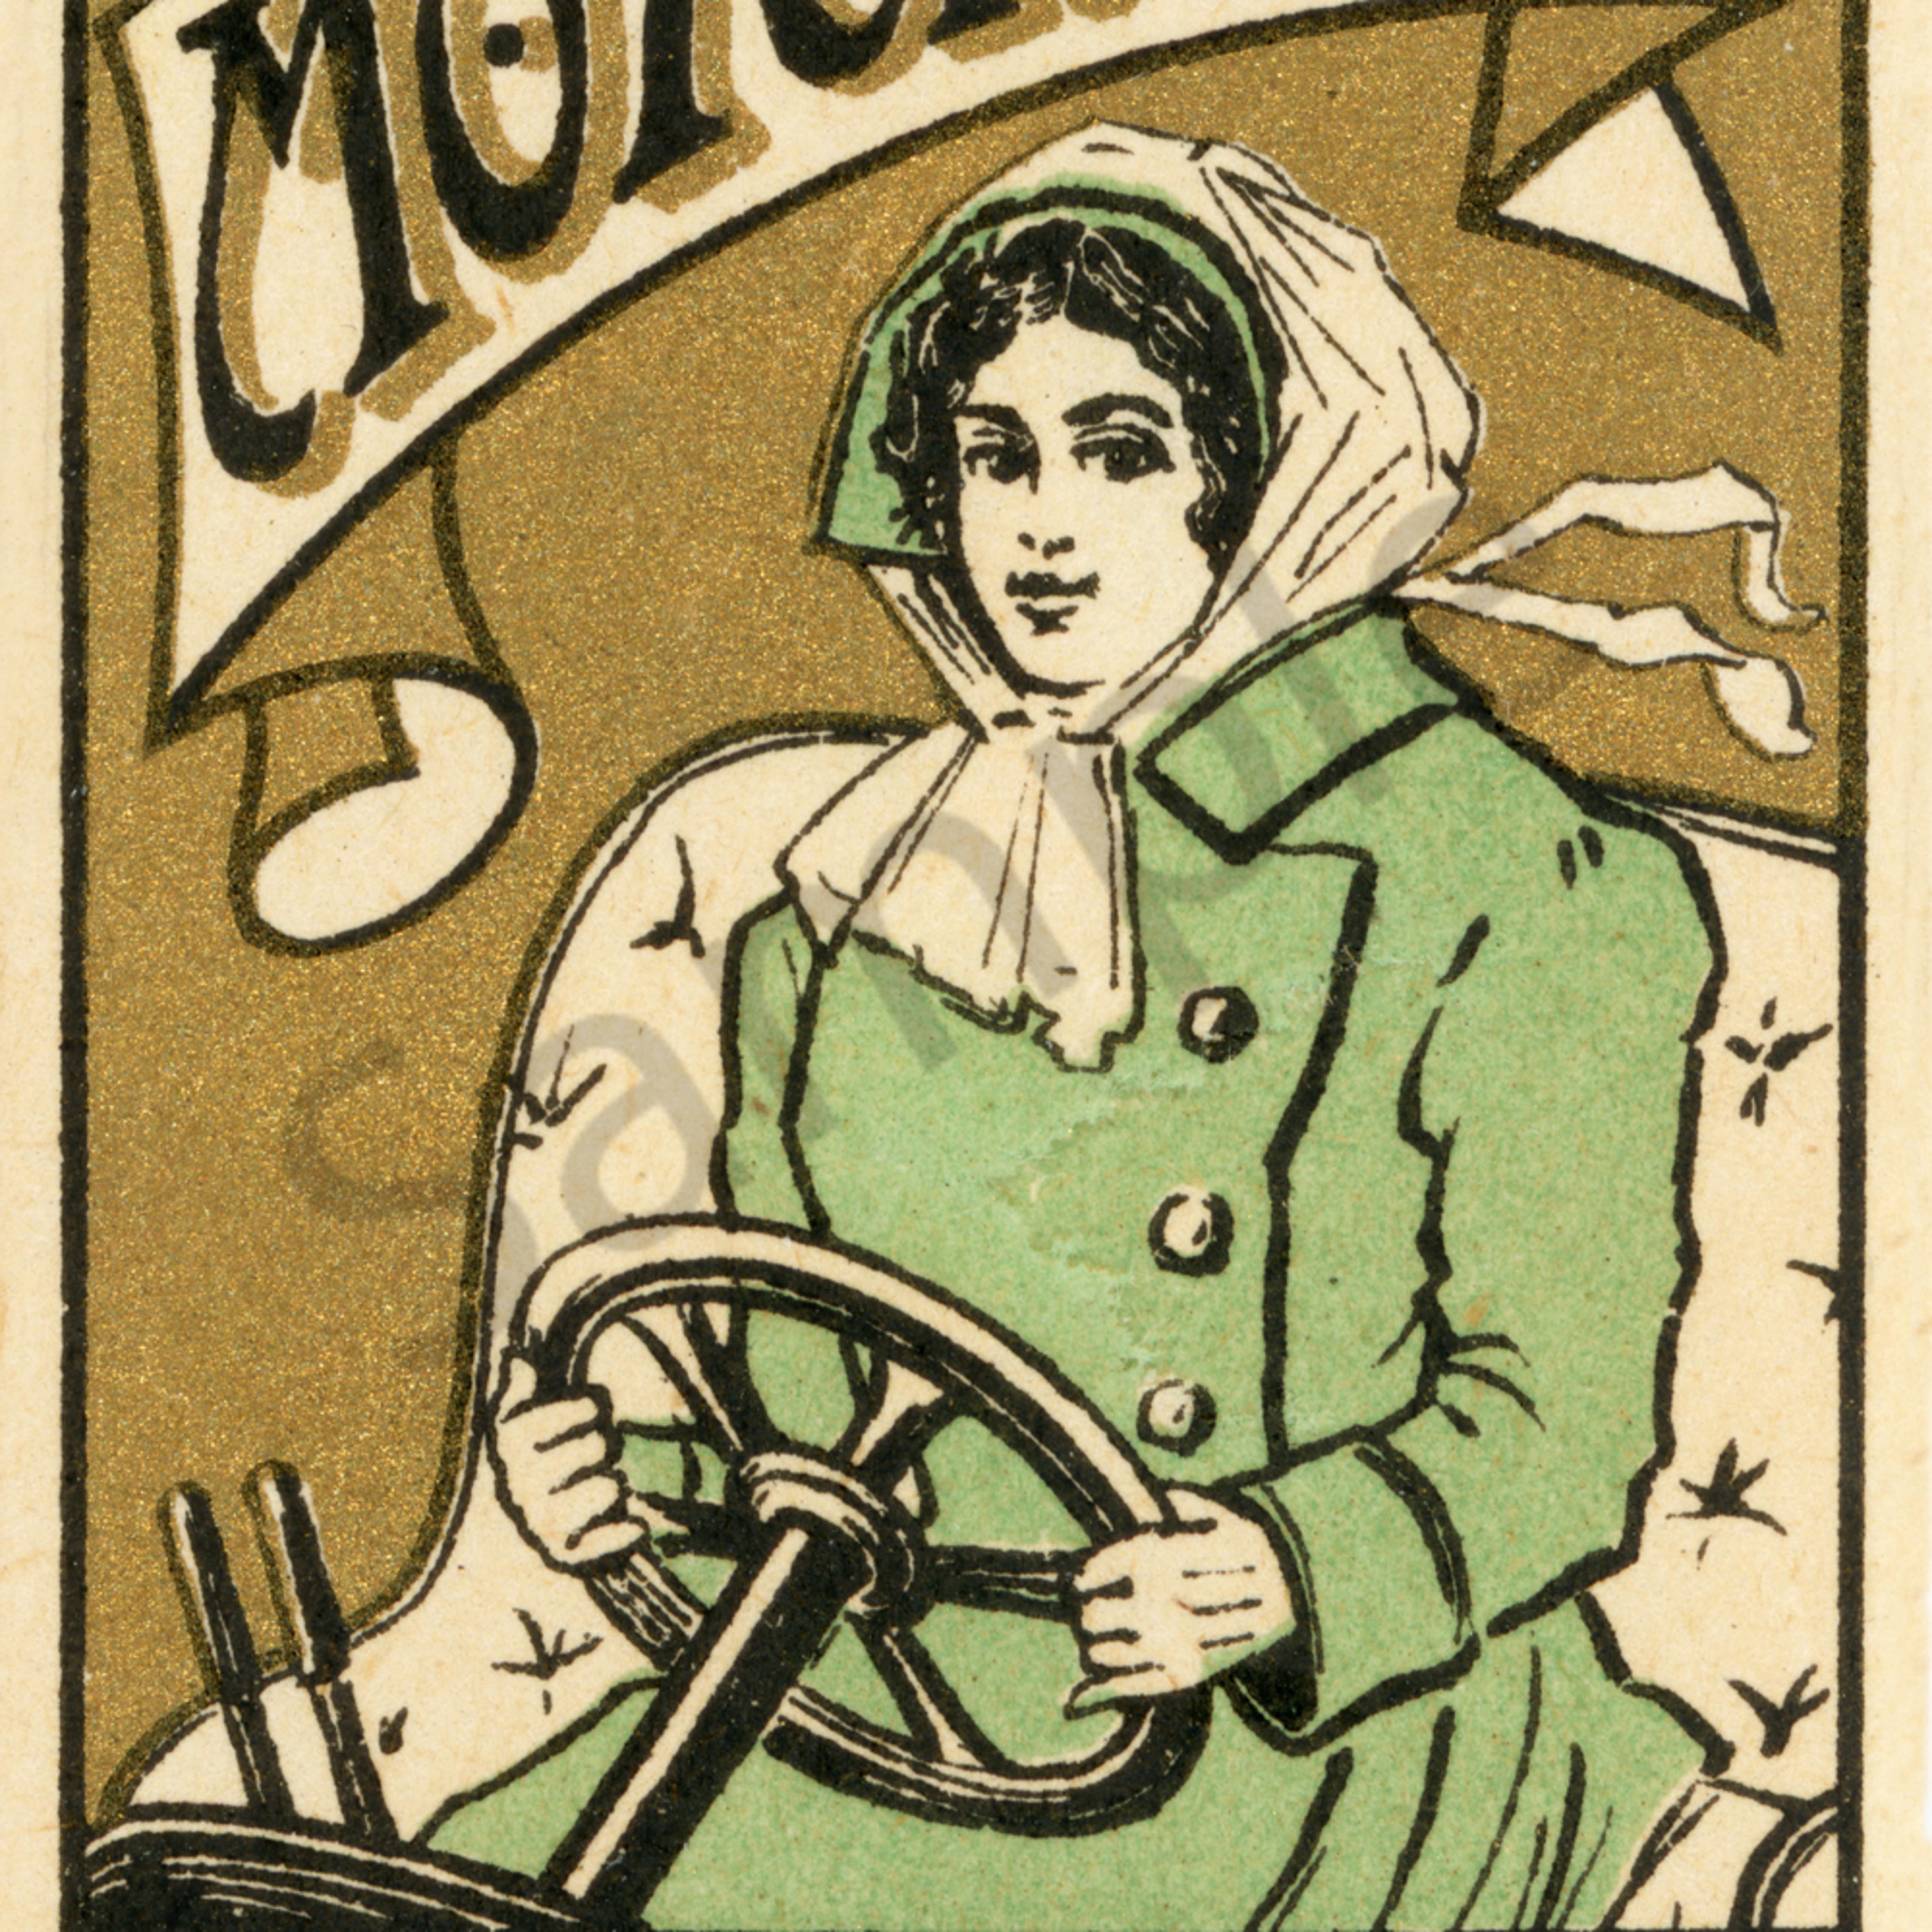 Motor girl2 zhikbi